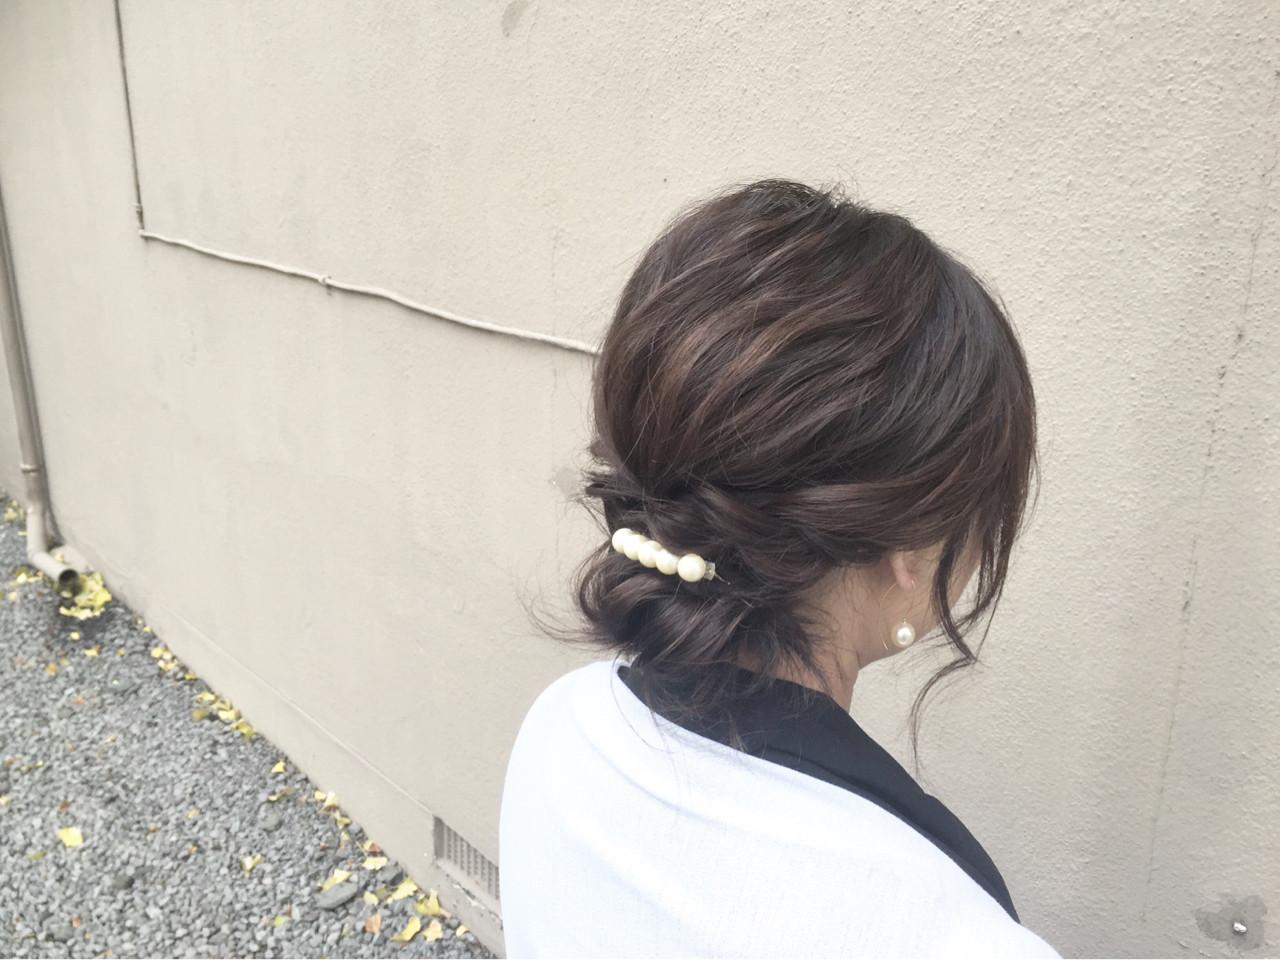 大人女子 ヘアアクセ 簡単ヘアアレンジ ショートヘアスタイルや髪型の写真・画像